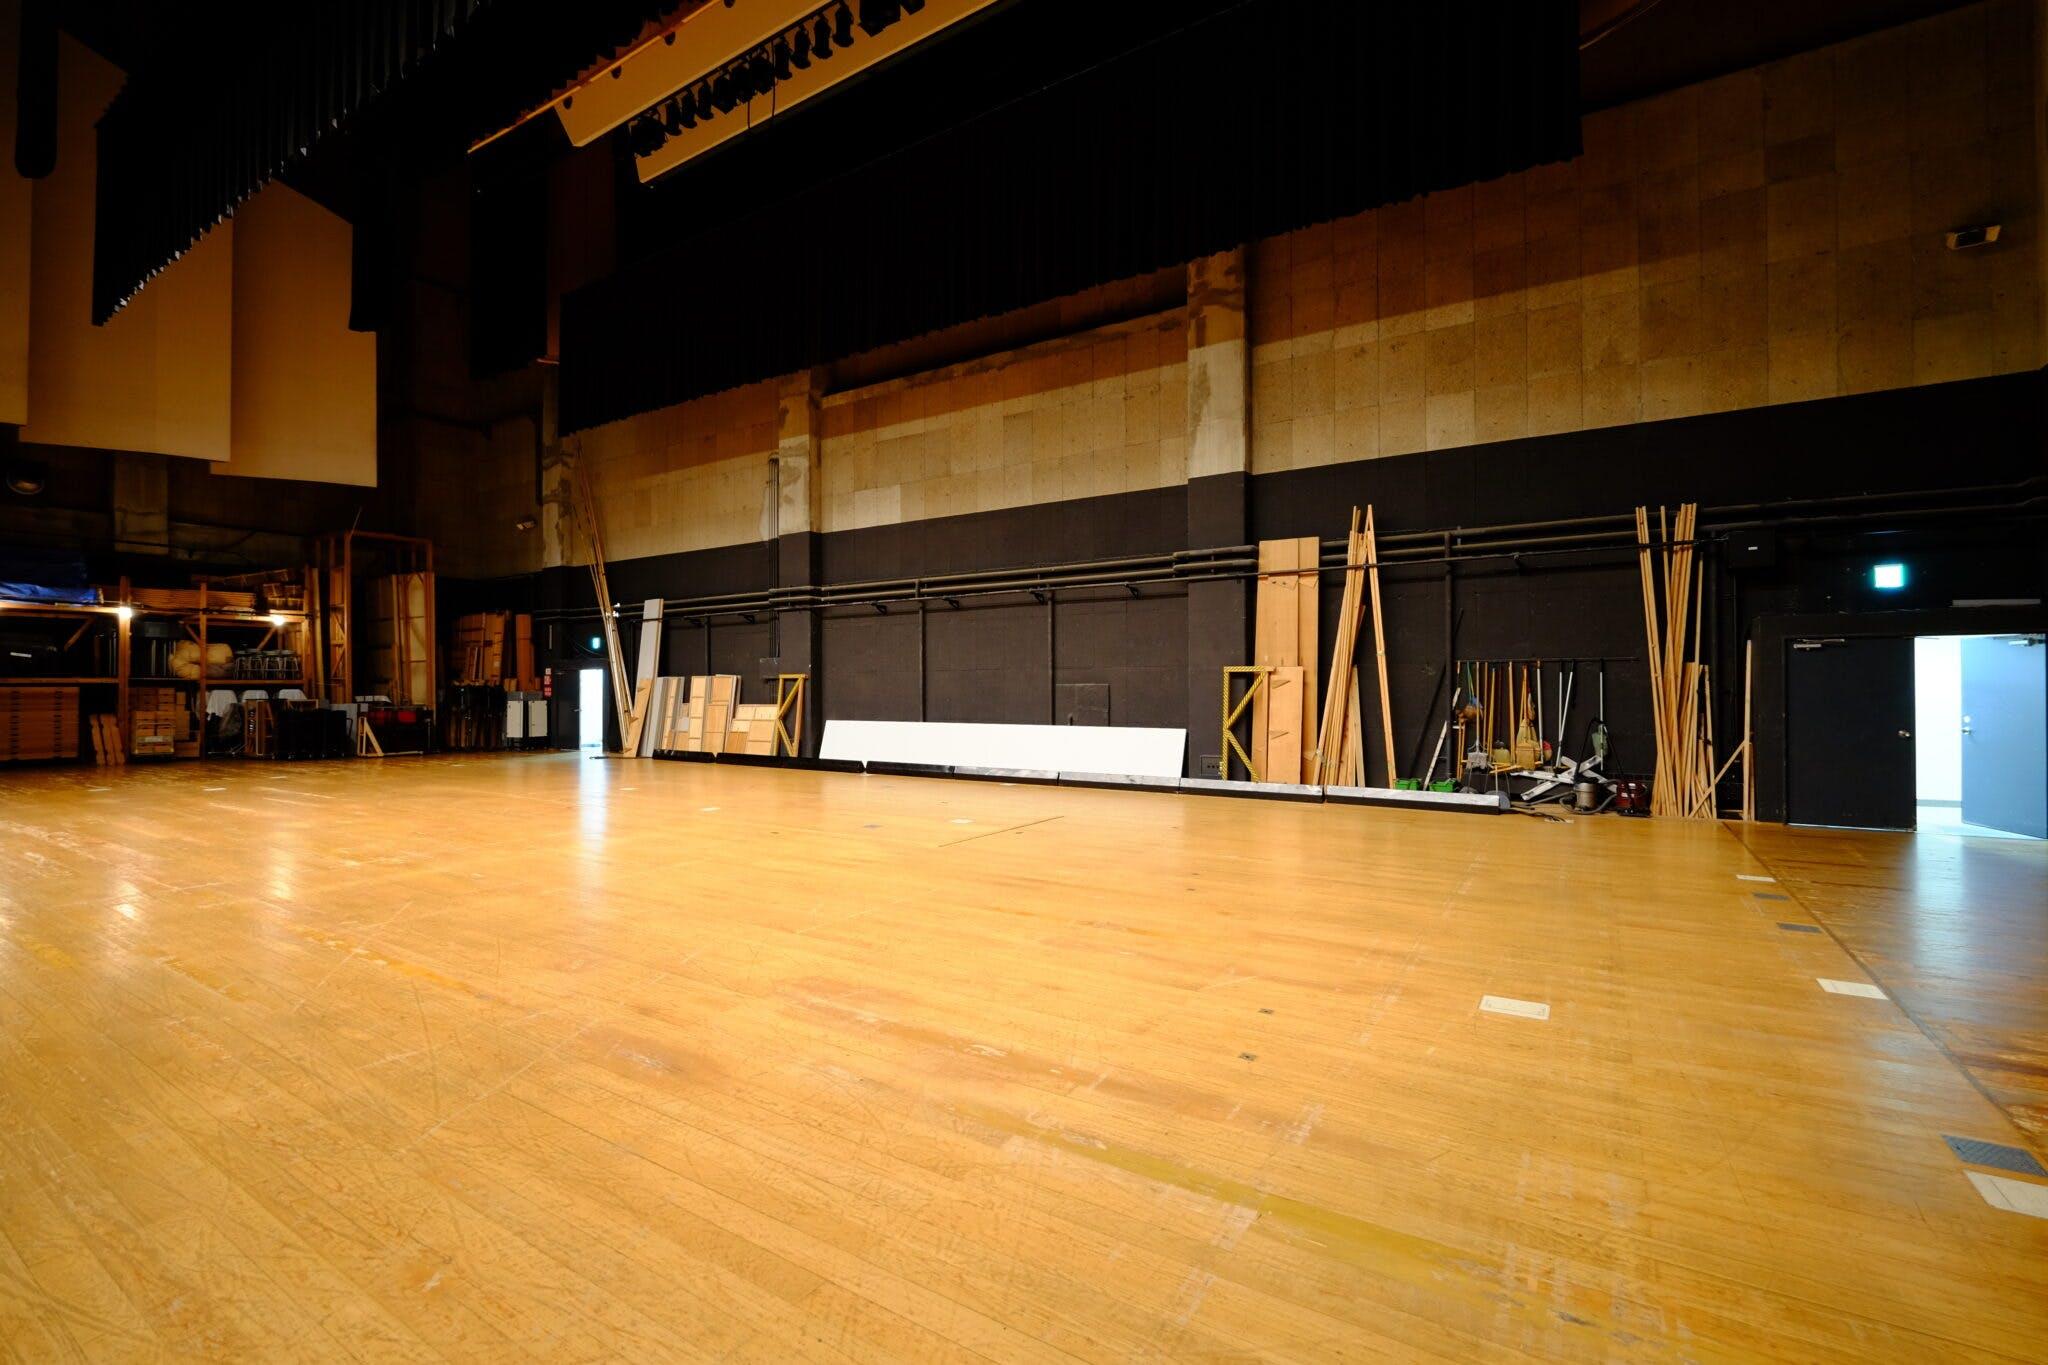 グリーンホール大ホール 舞台